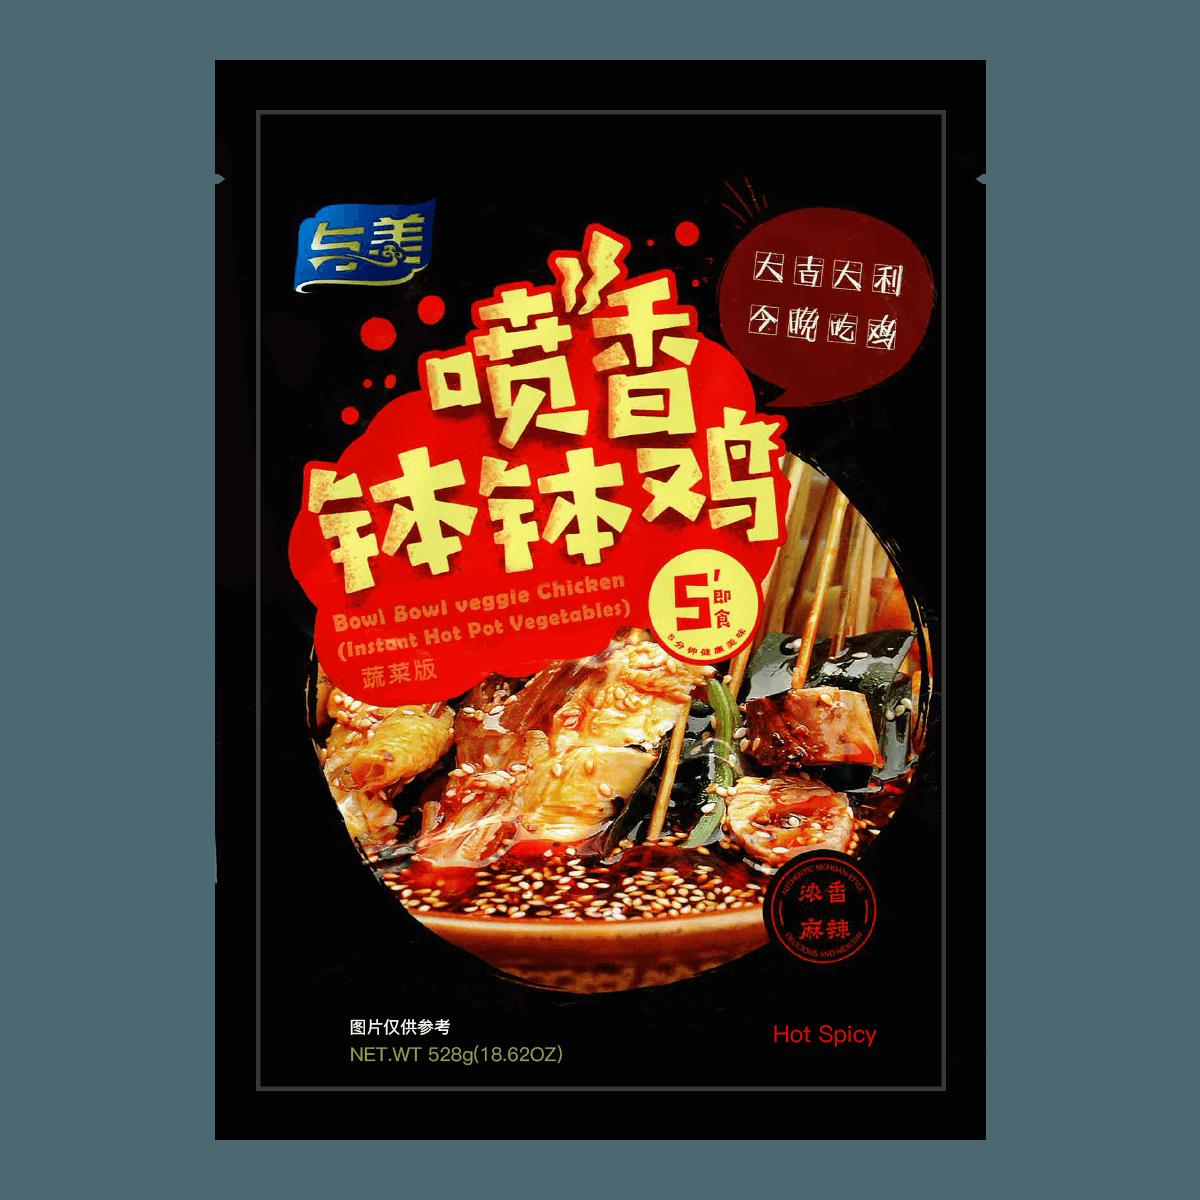 与美 喷香钵钵鸡 蔬菜版 浓香麻辣味 袋装 528g